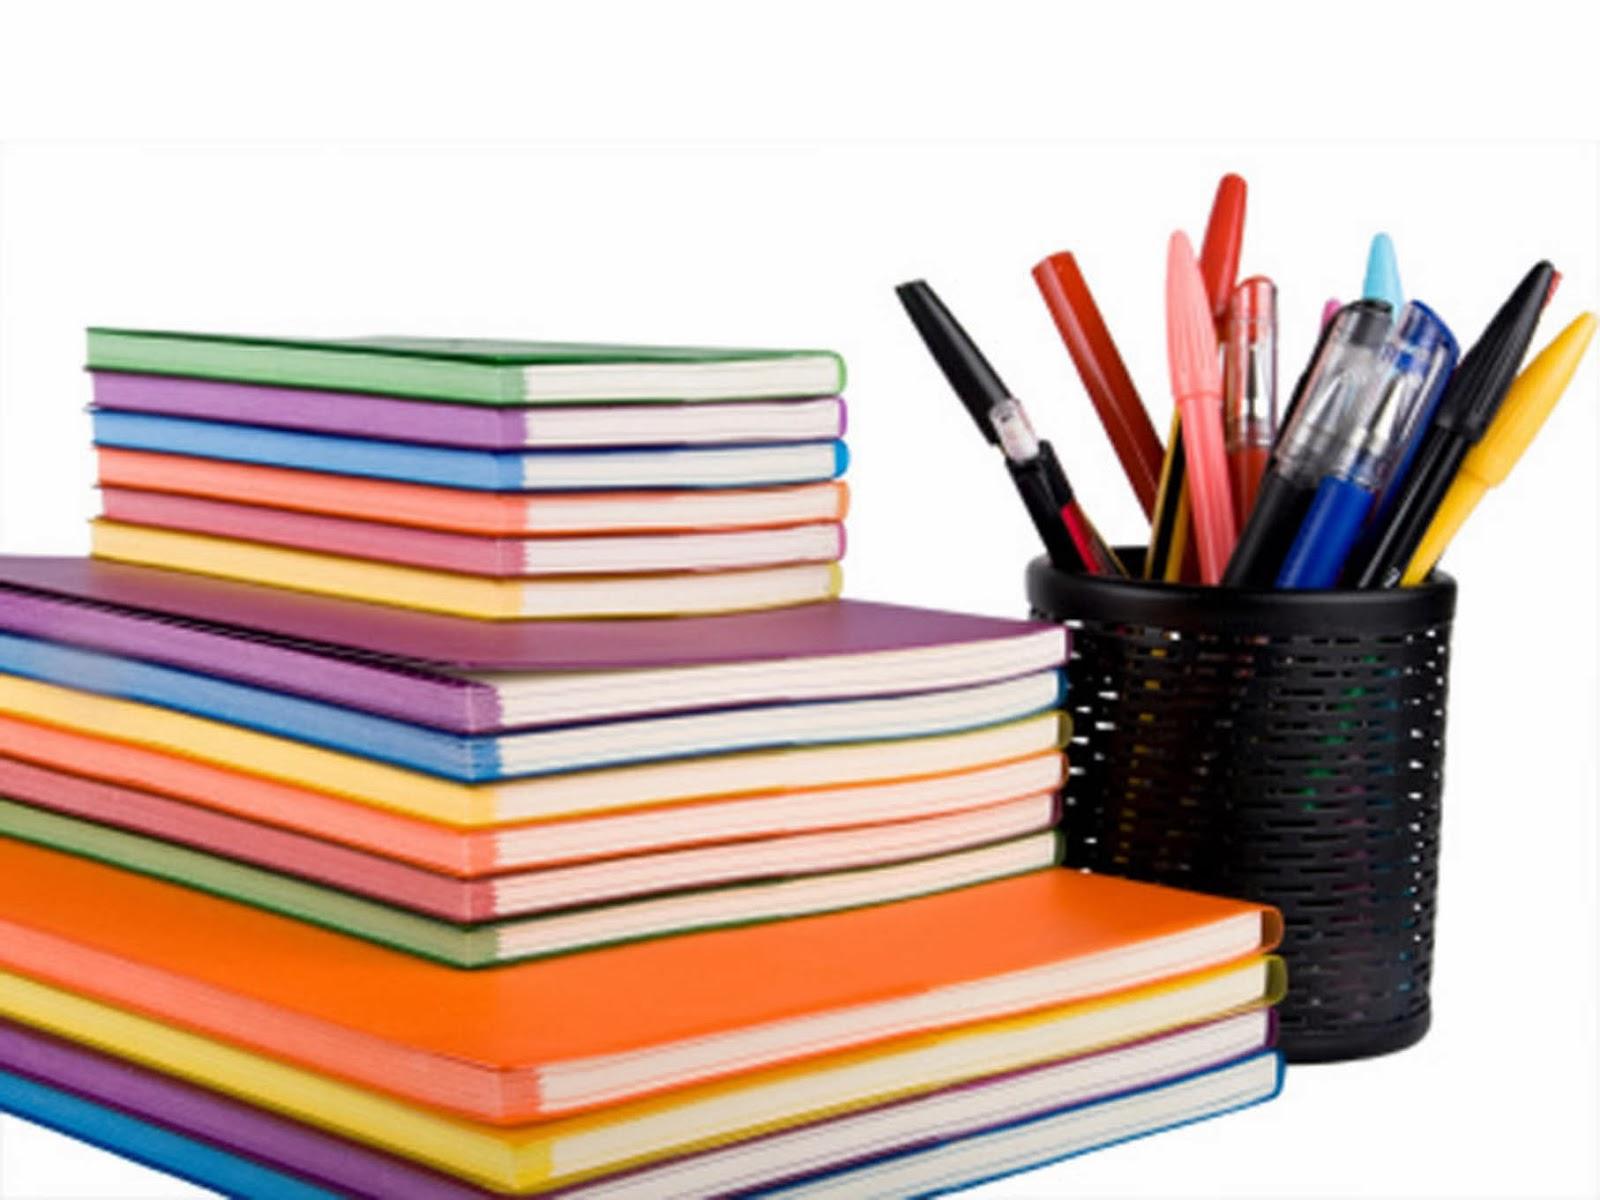 Tiendas papelera mari en granada el blog de kukina - Papeleria de oficina ...